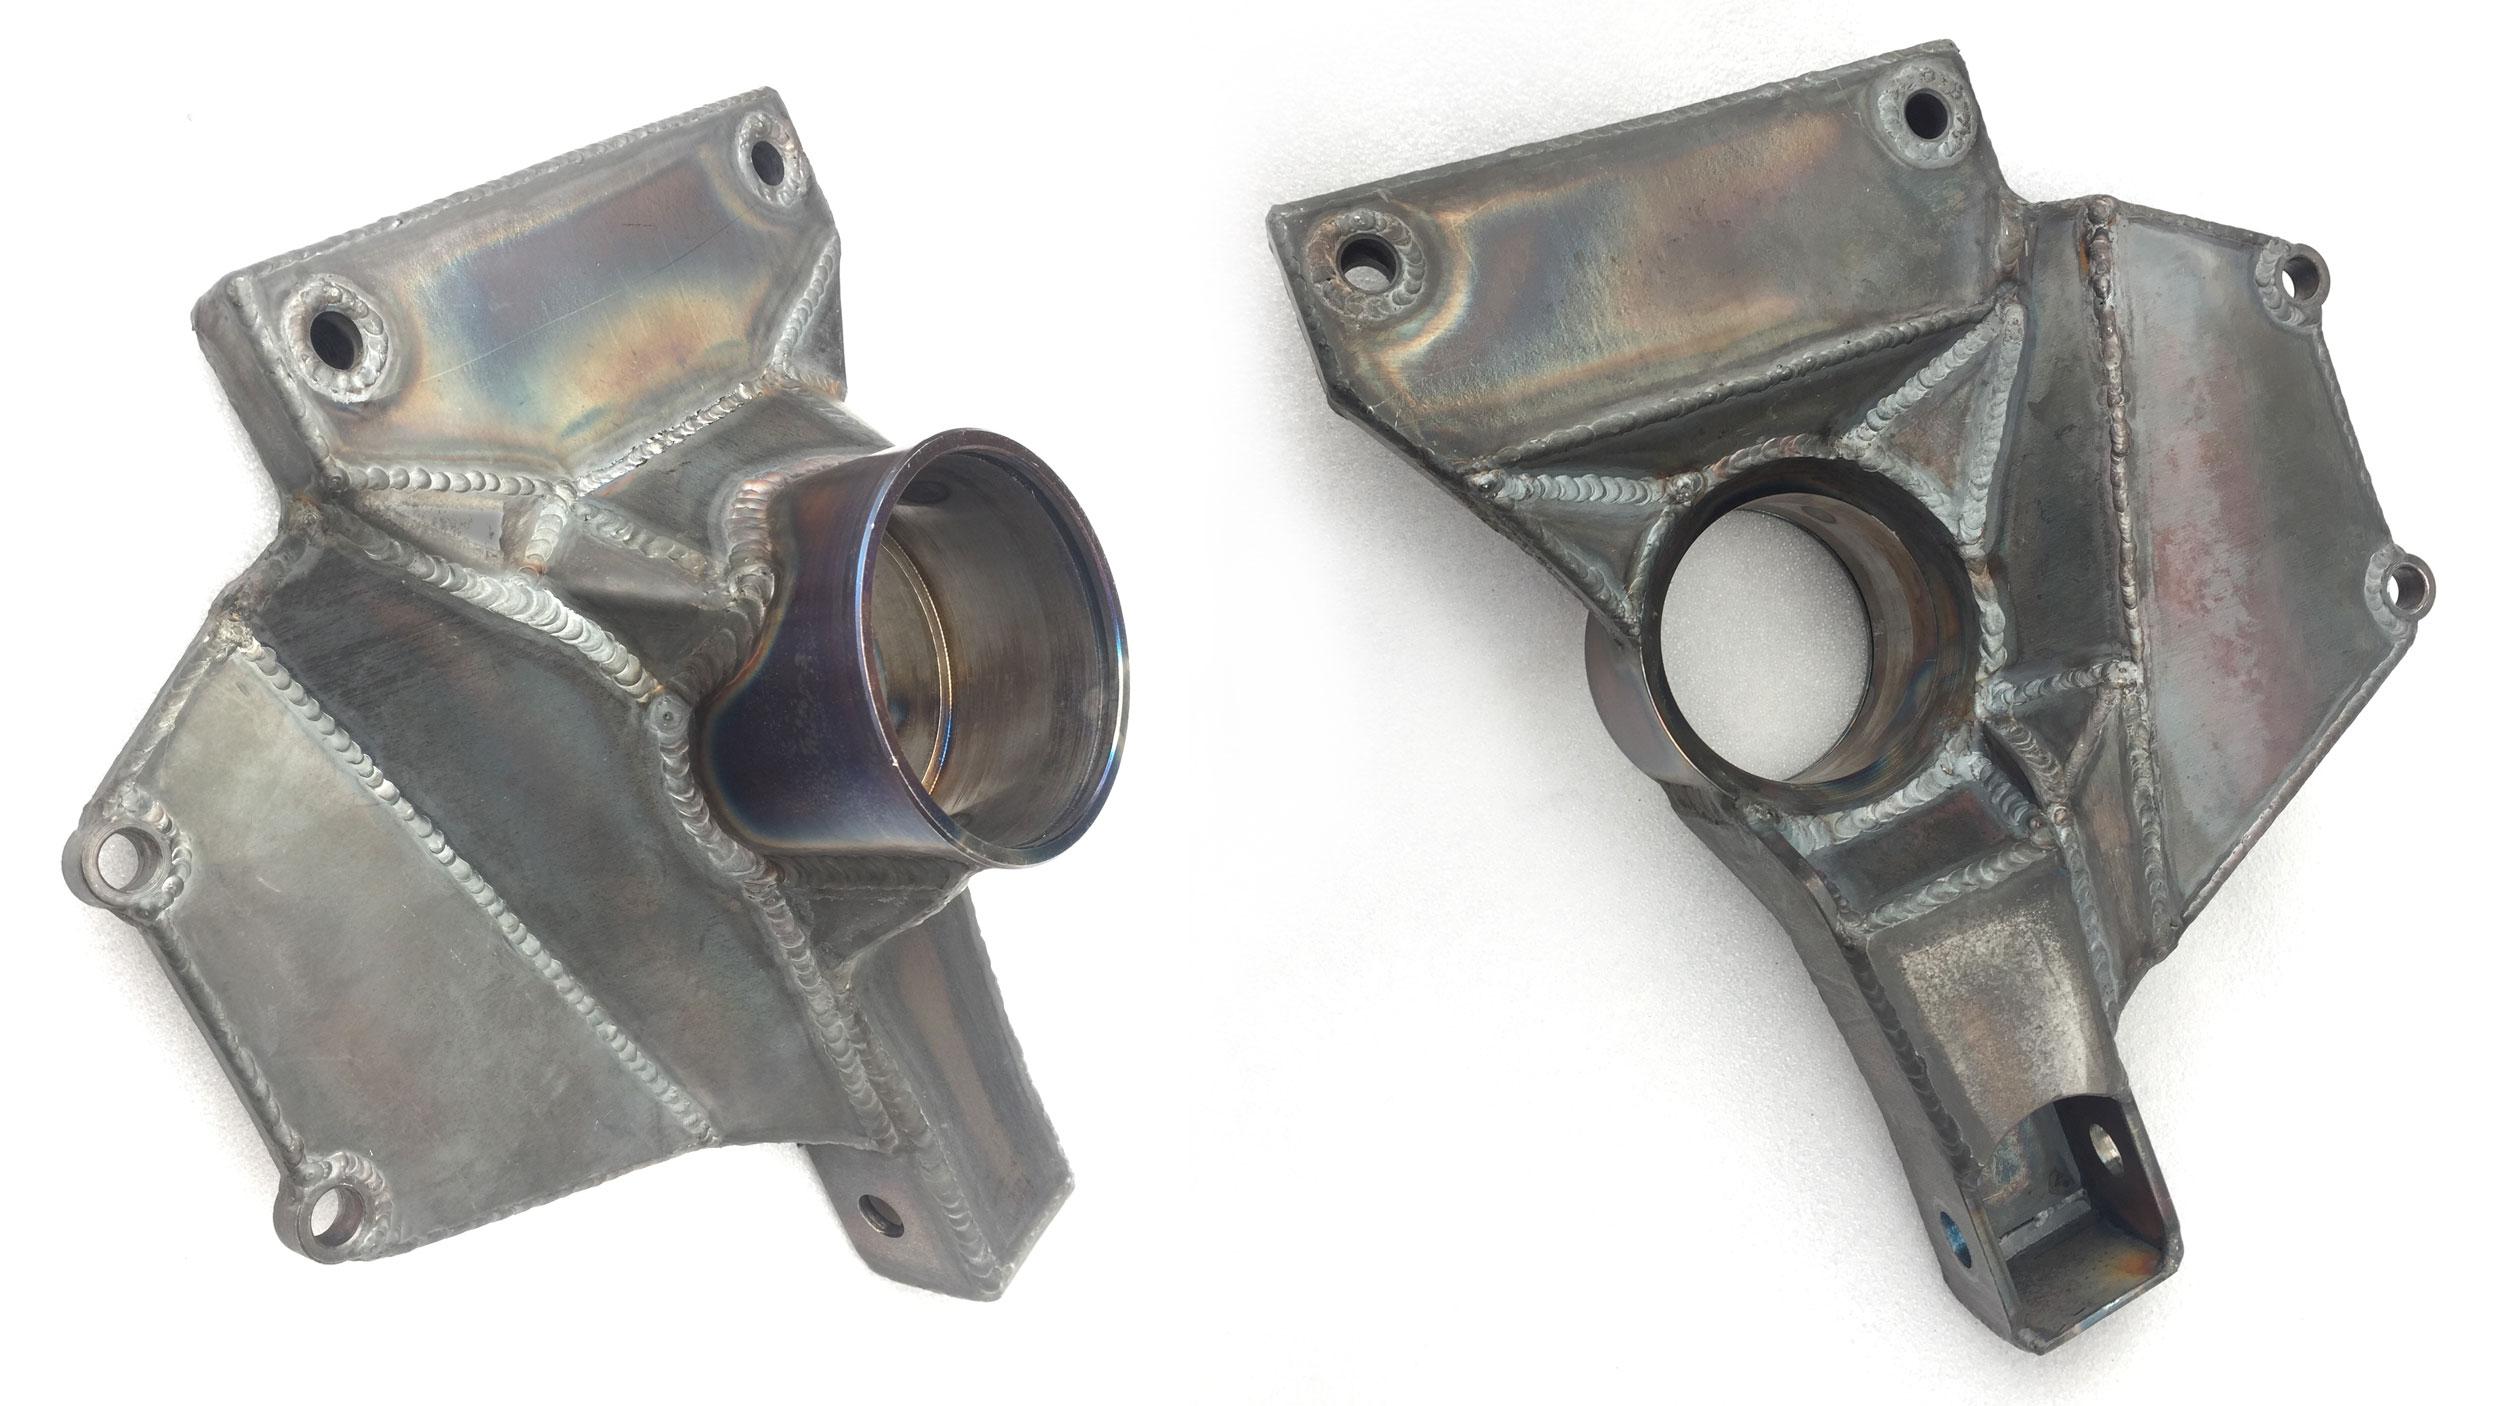 X1-Upright-Rear